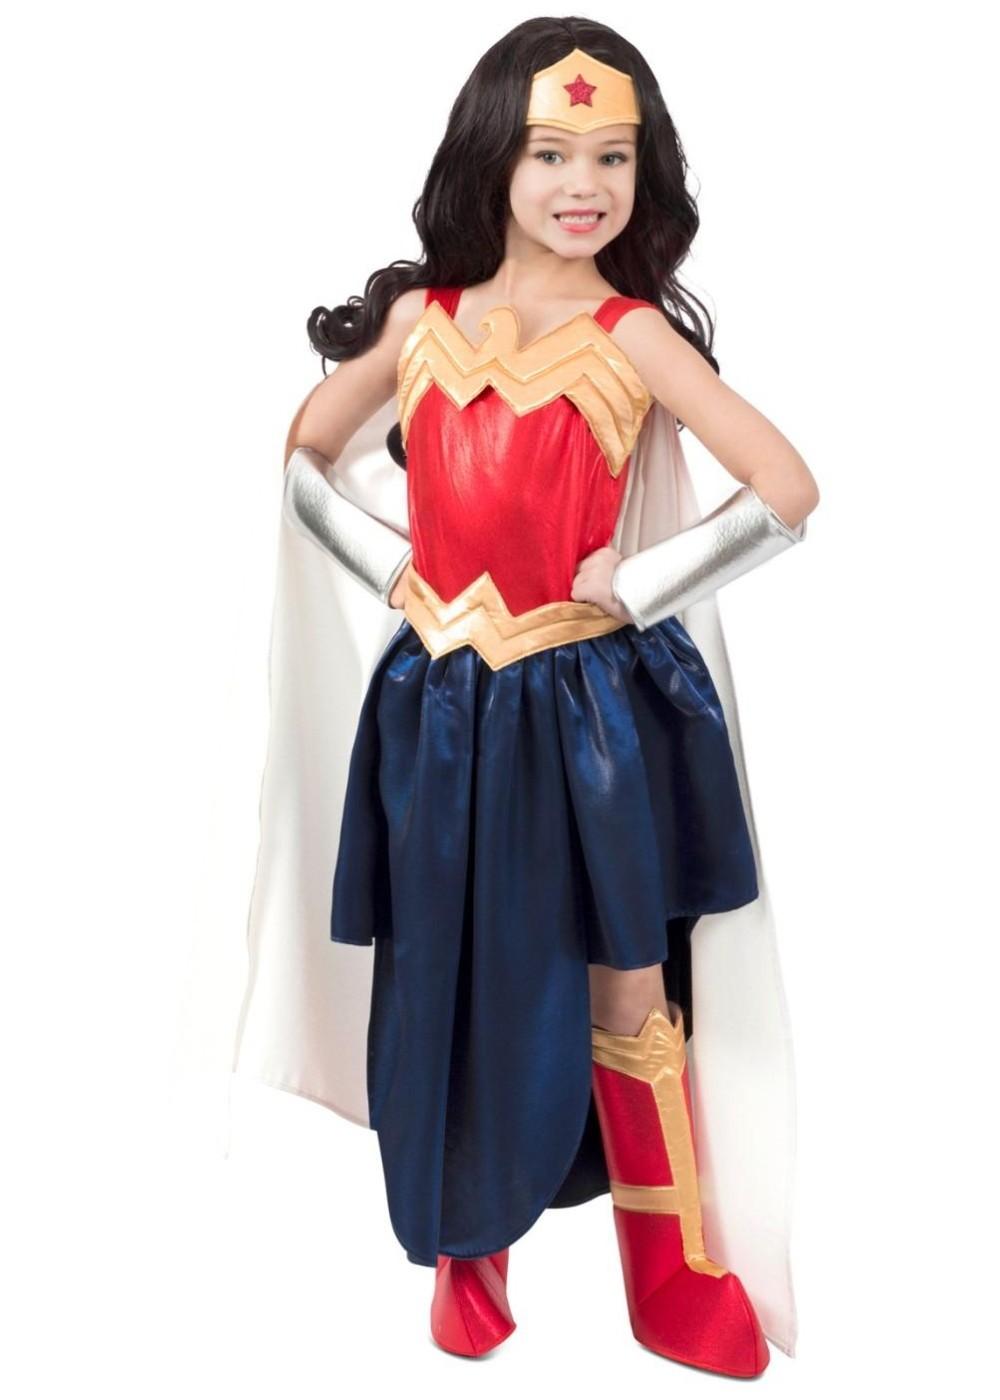 Girls Legendary Wonder Woman Costume - Superhero Costumes-7472